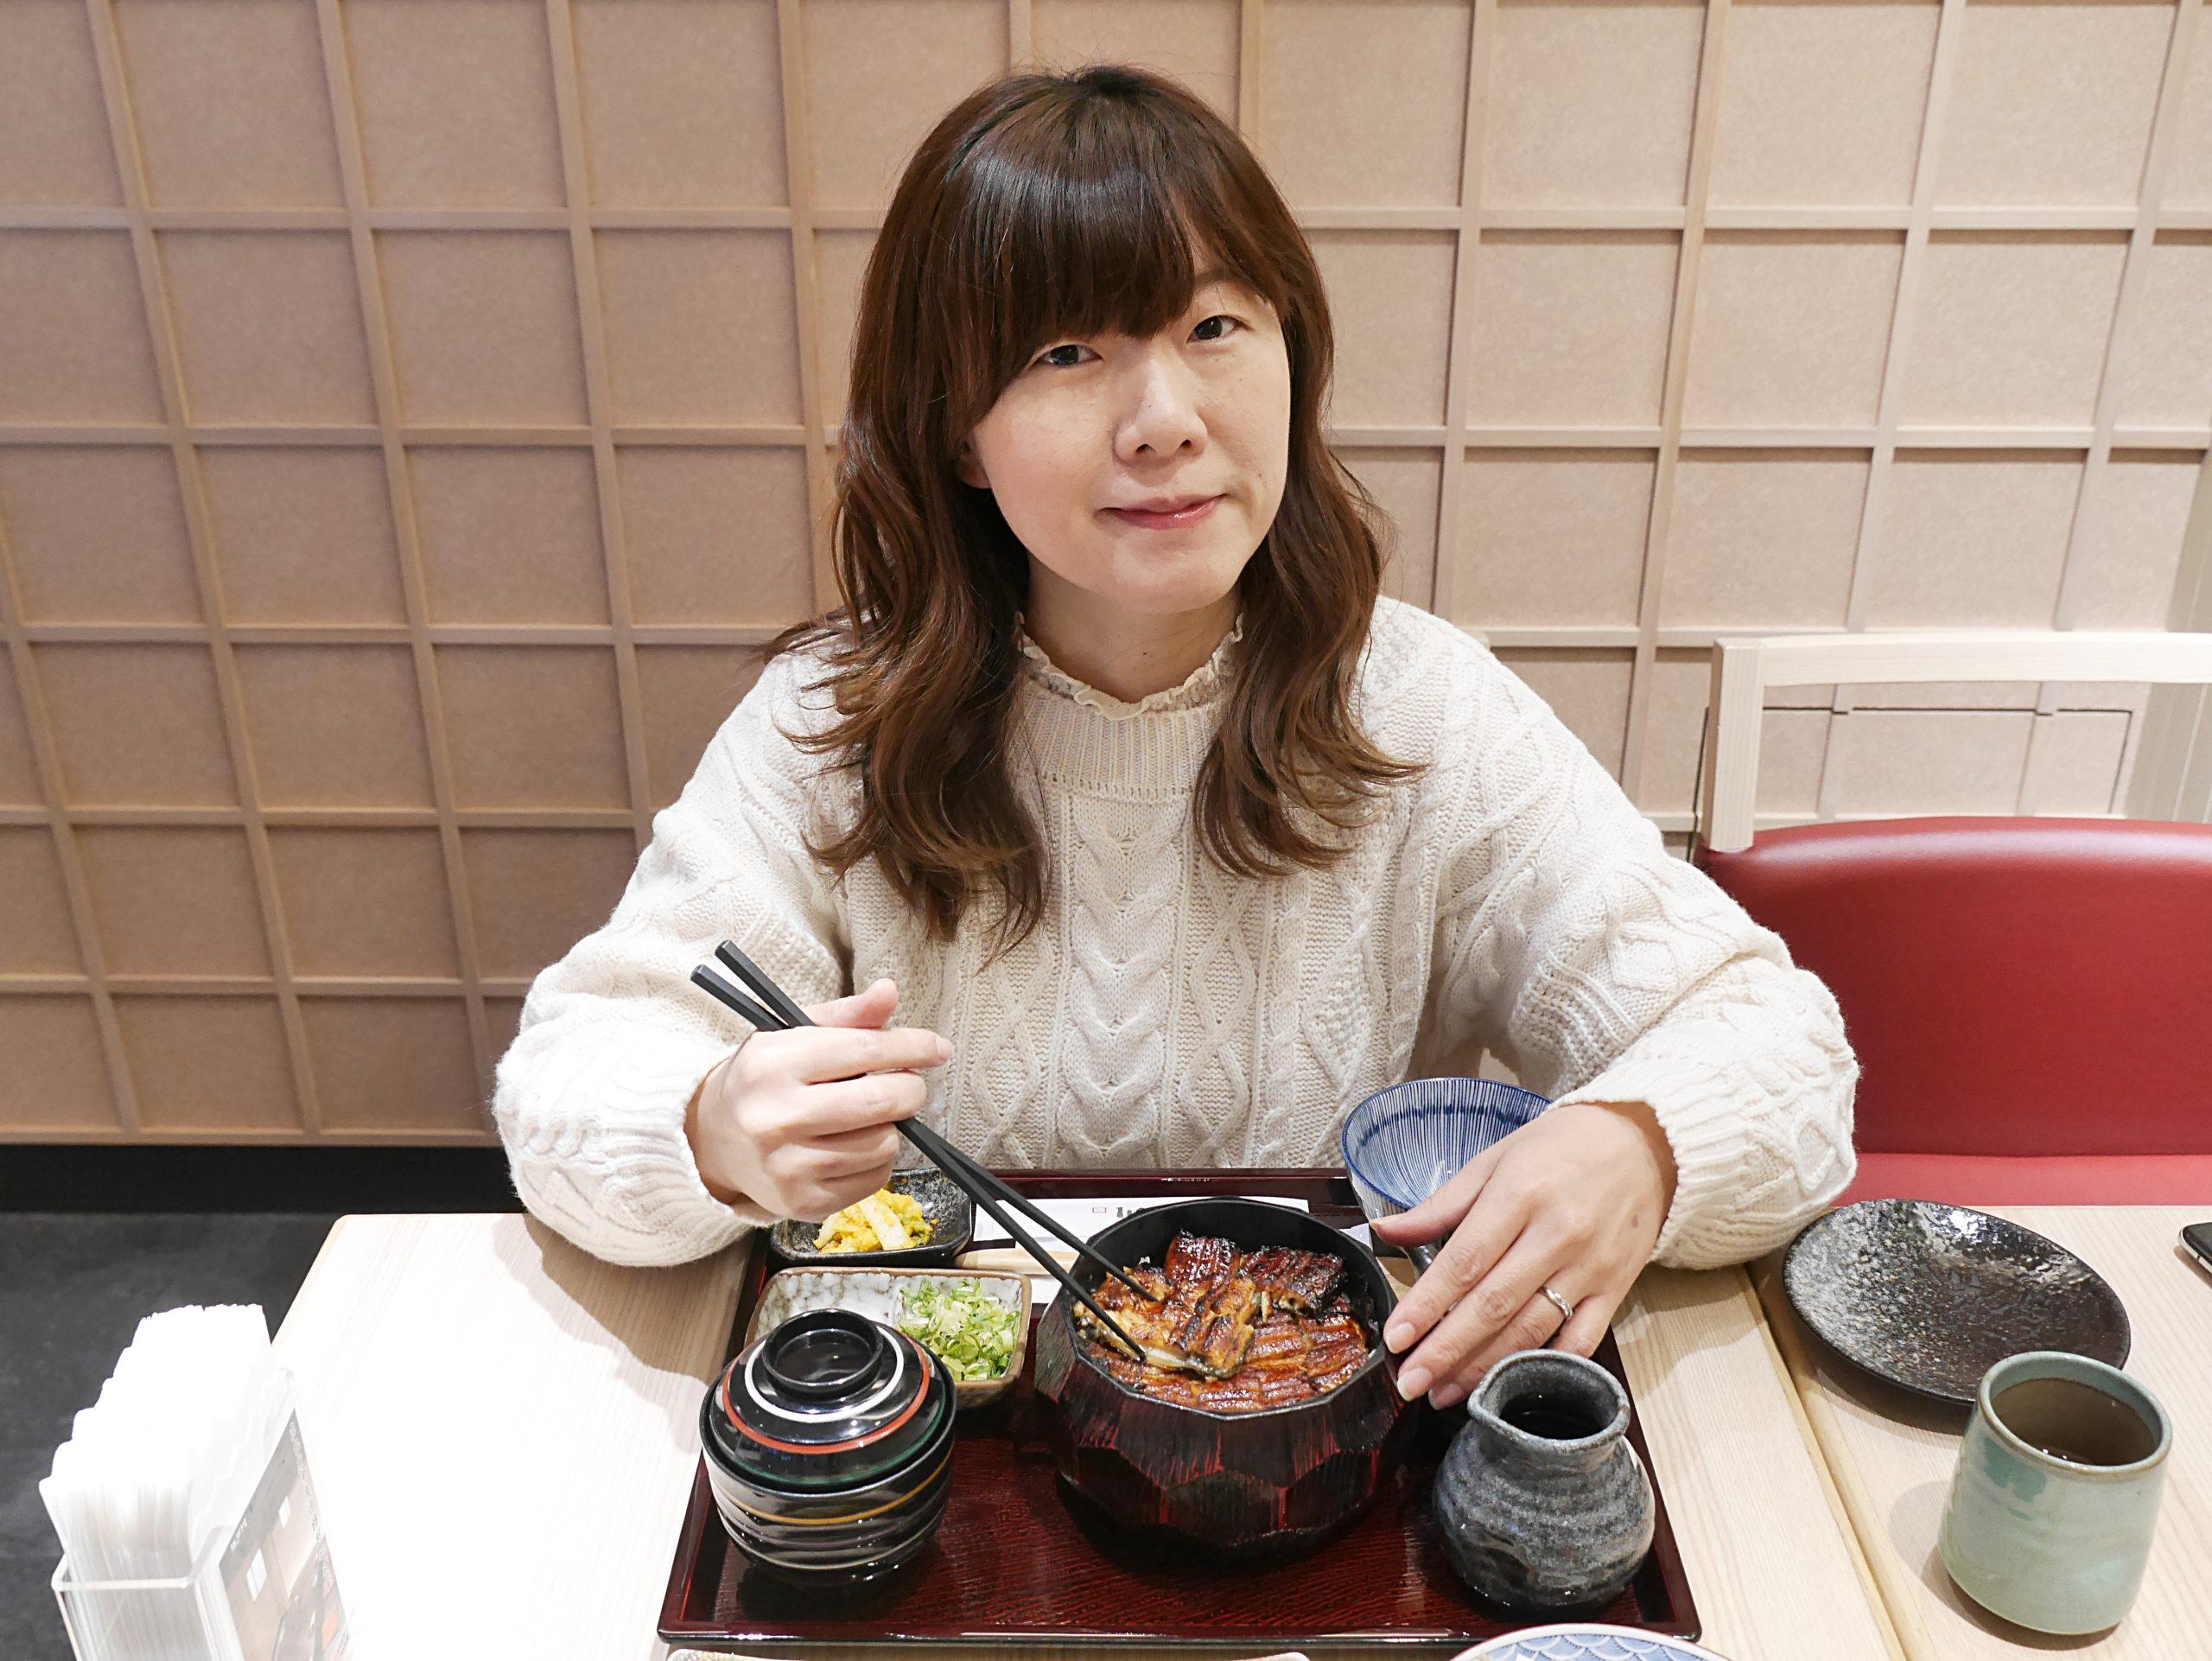 【食譜】韓式鮪魚拌飯|韓劇聽見你的聲音裡下班後的清冰箱的晚餐料理 @Maruko與美食有個約會